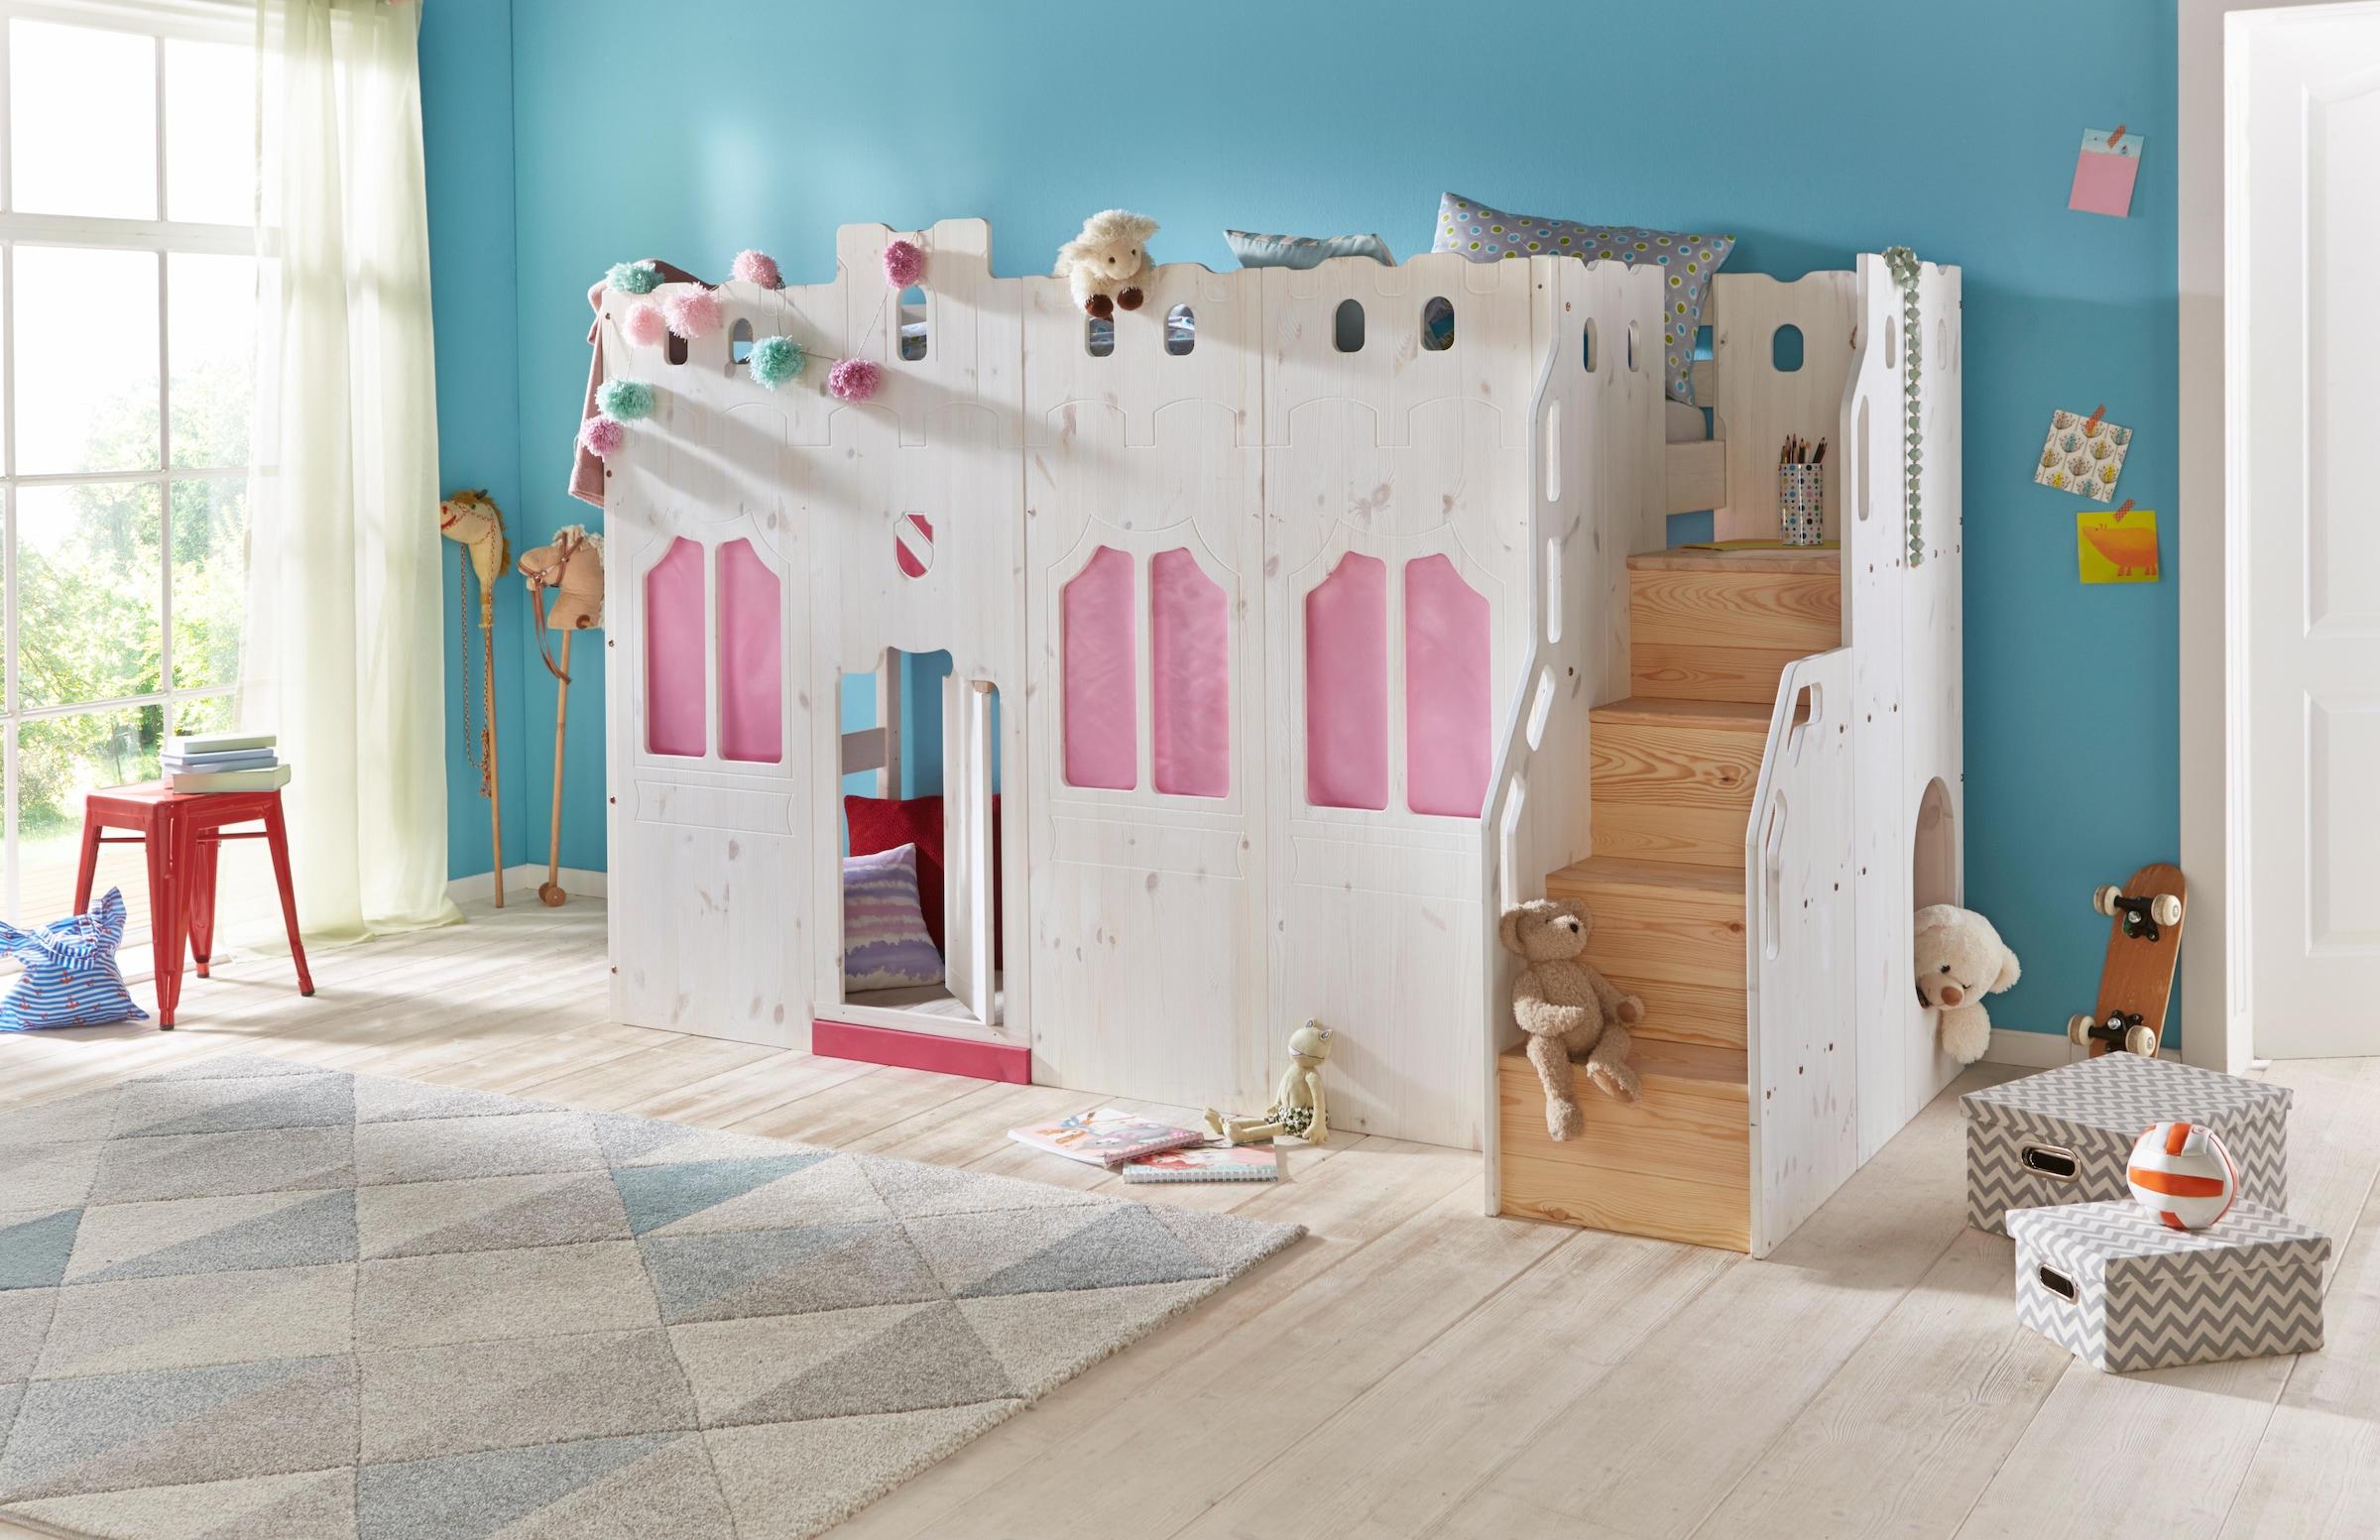 Etagenbett Ritterburg : Kinderhochbett als ritterburg aus holz kids paradise